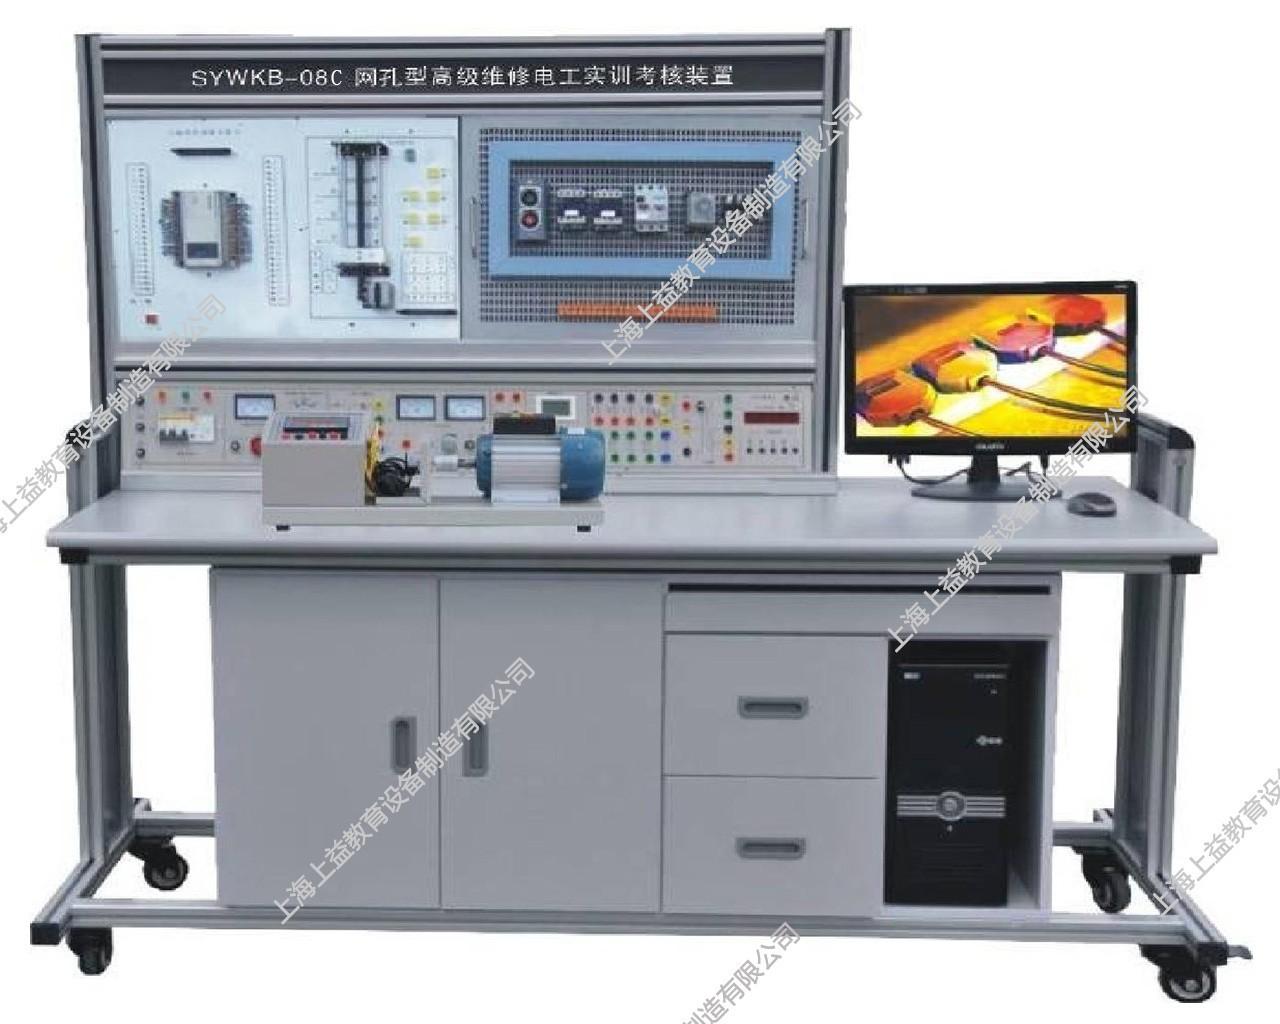 SYWKB-08C网孔型中级维修电工wwwlehu8viplehu68vip装置